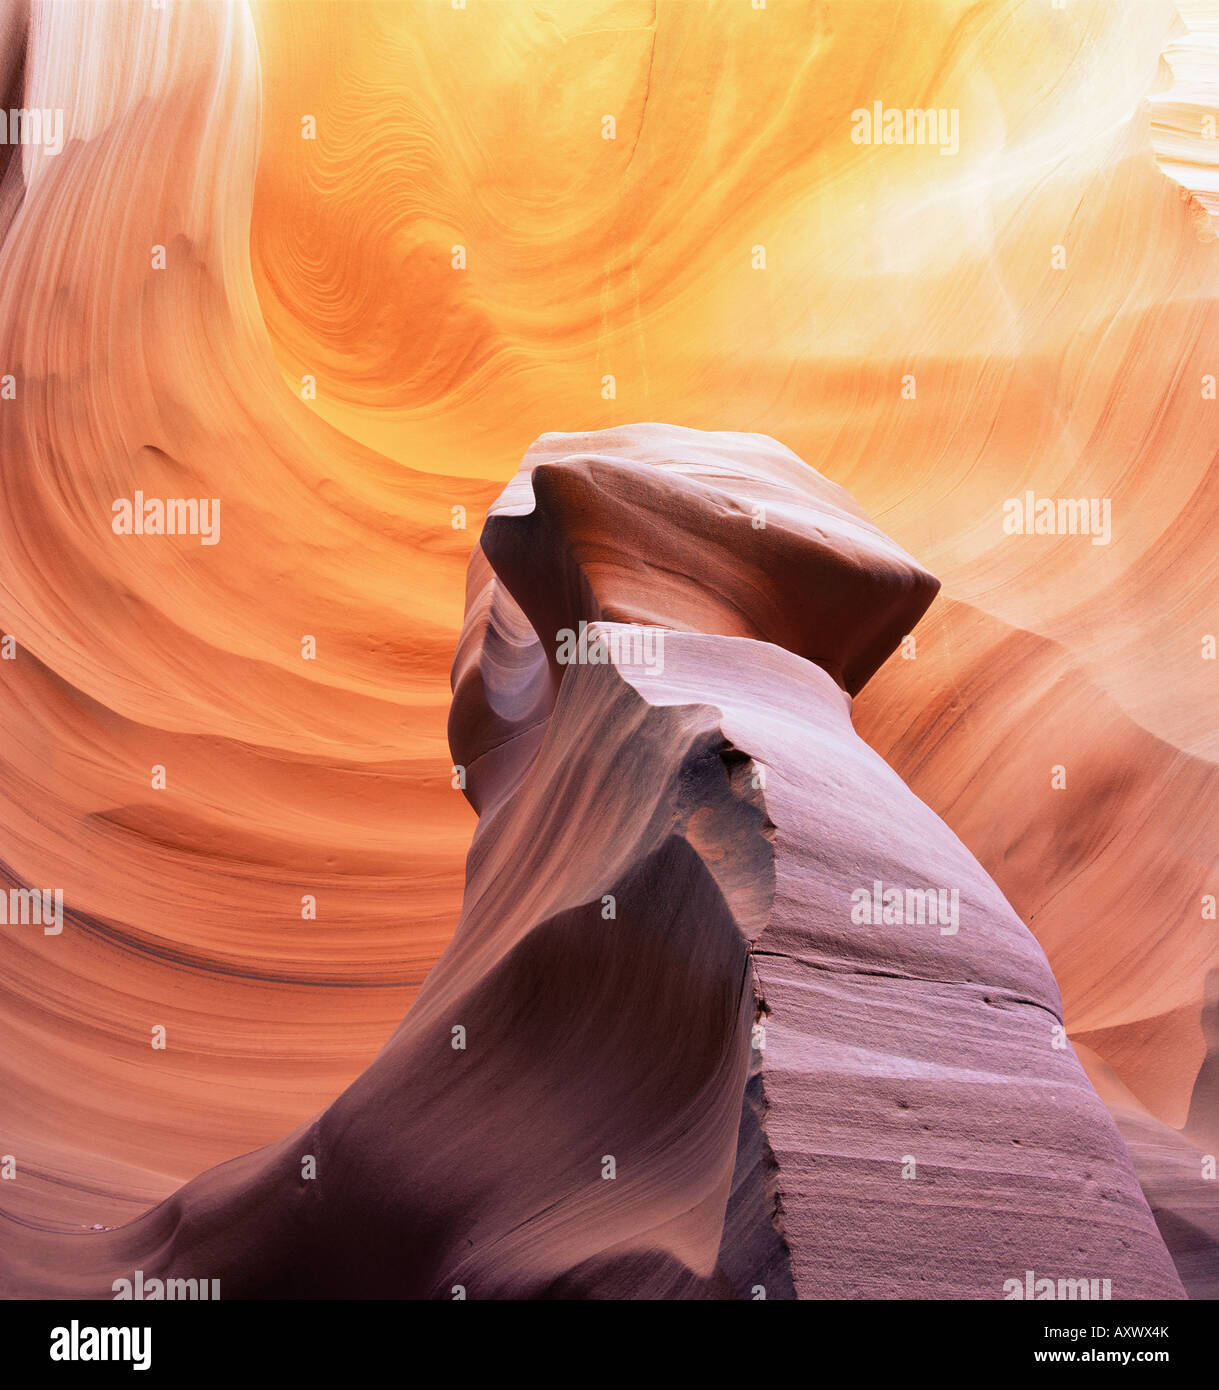 Säule aus Stein in Thin Sexplosion Canyon, einem Slotcanyon, Arizona, Vereinigte Staaten von Amerika (U.S.A.), Nordamerika Stockfoto